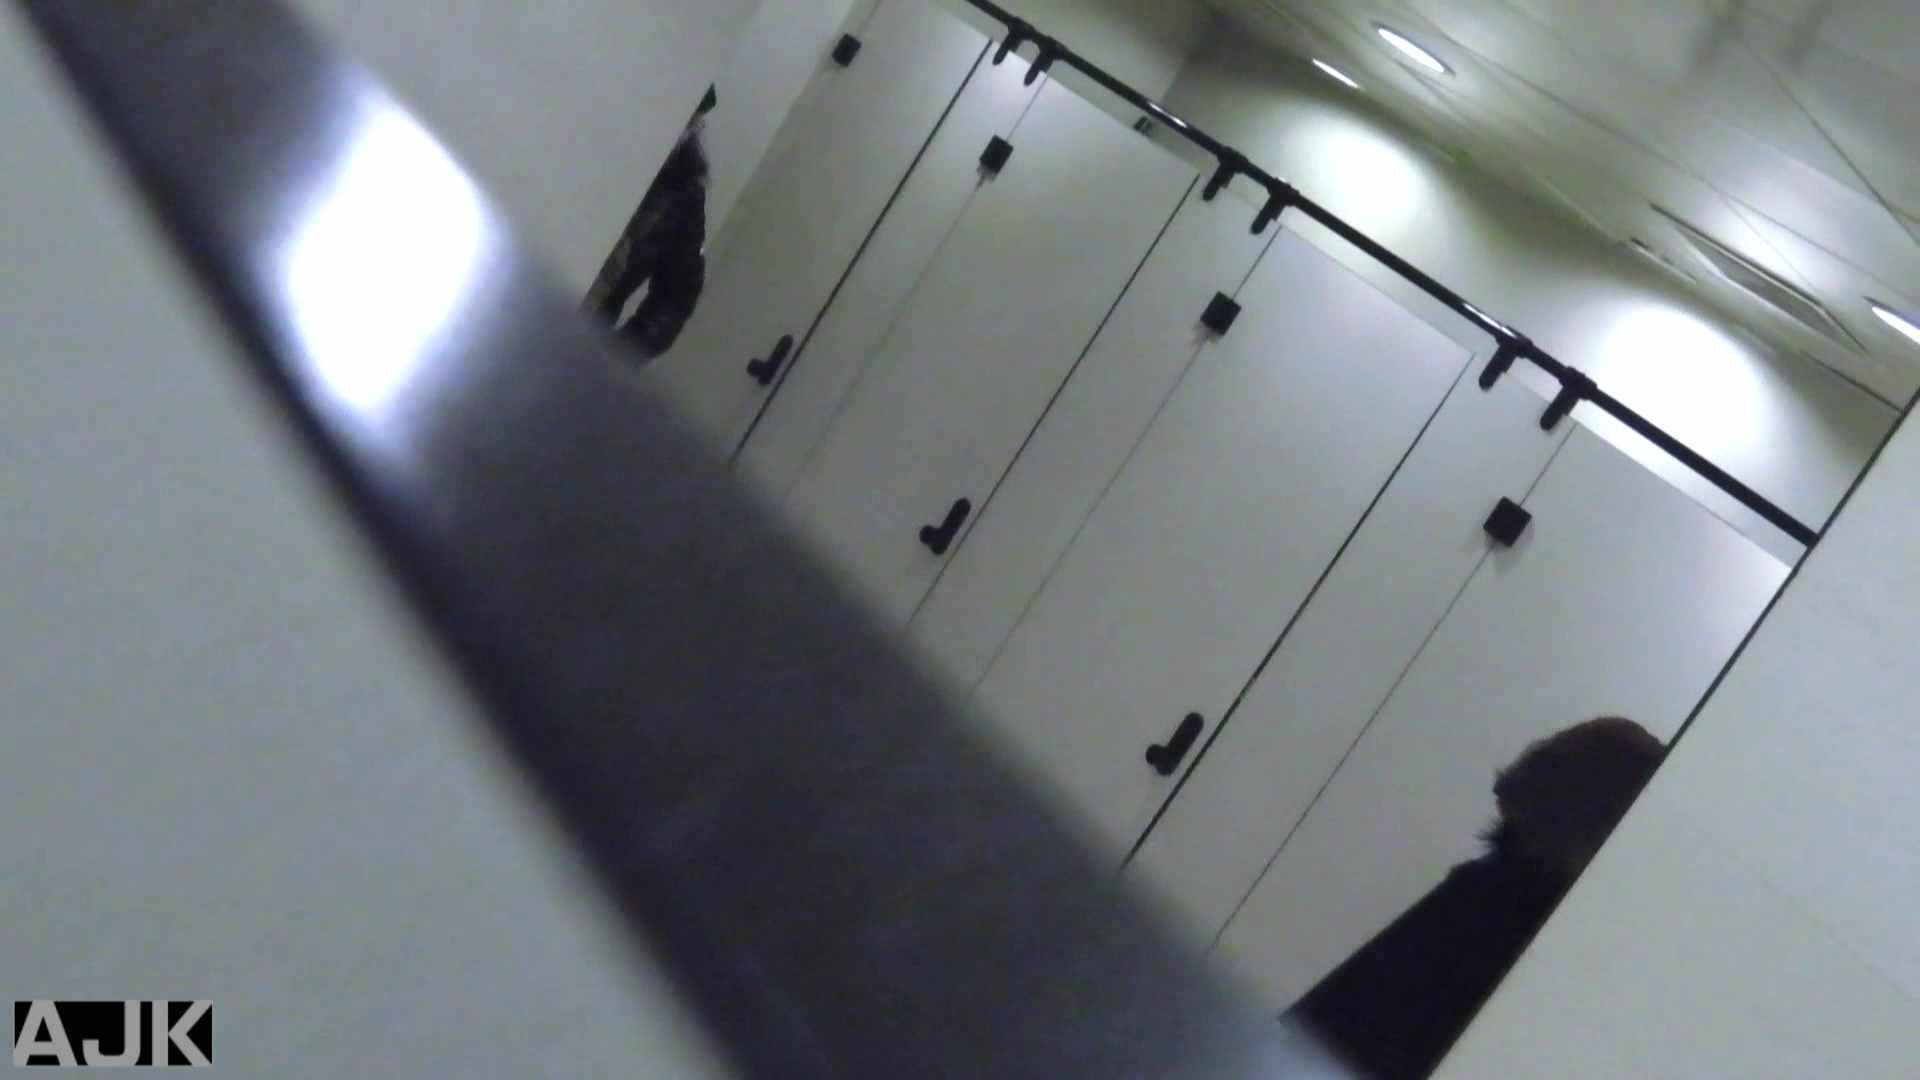 隣国上階級エリアの令嬢たちが集うデパートお手洗い Vol.29 お手洗い | OLの実態  81pic 59